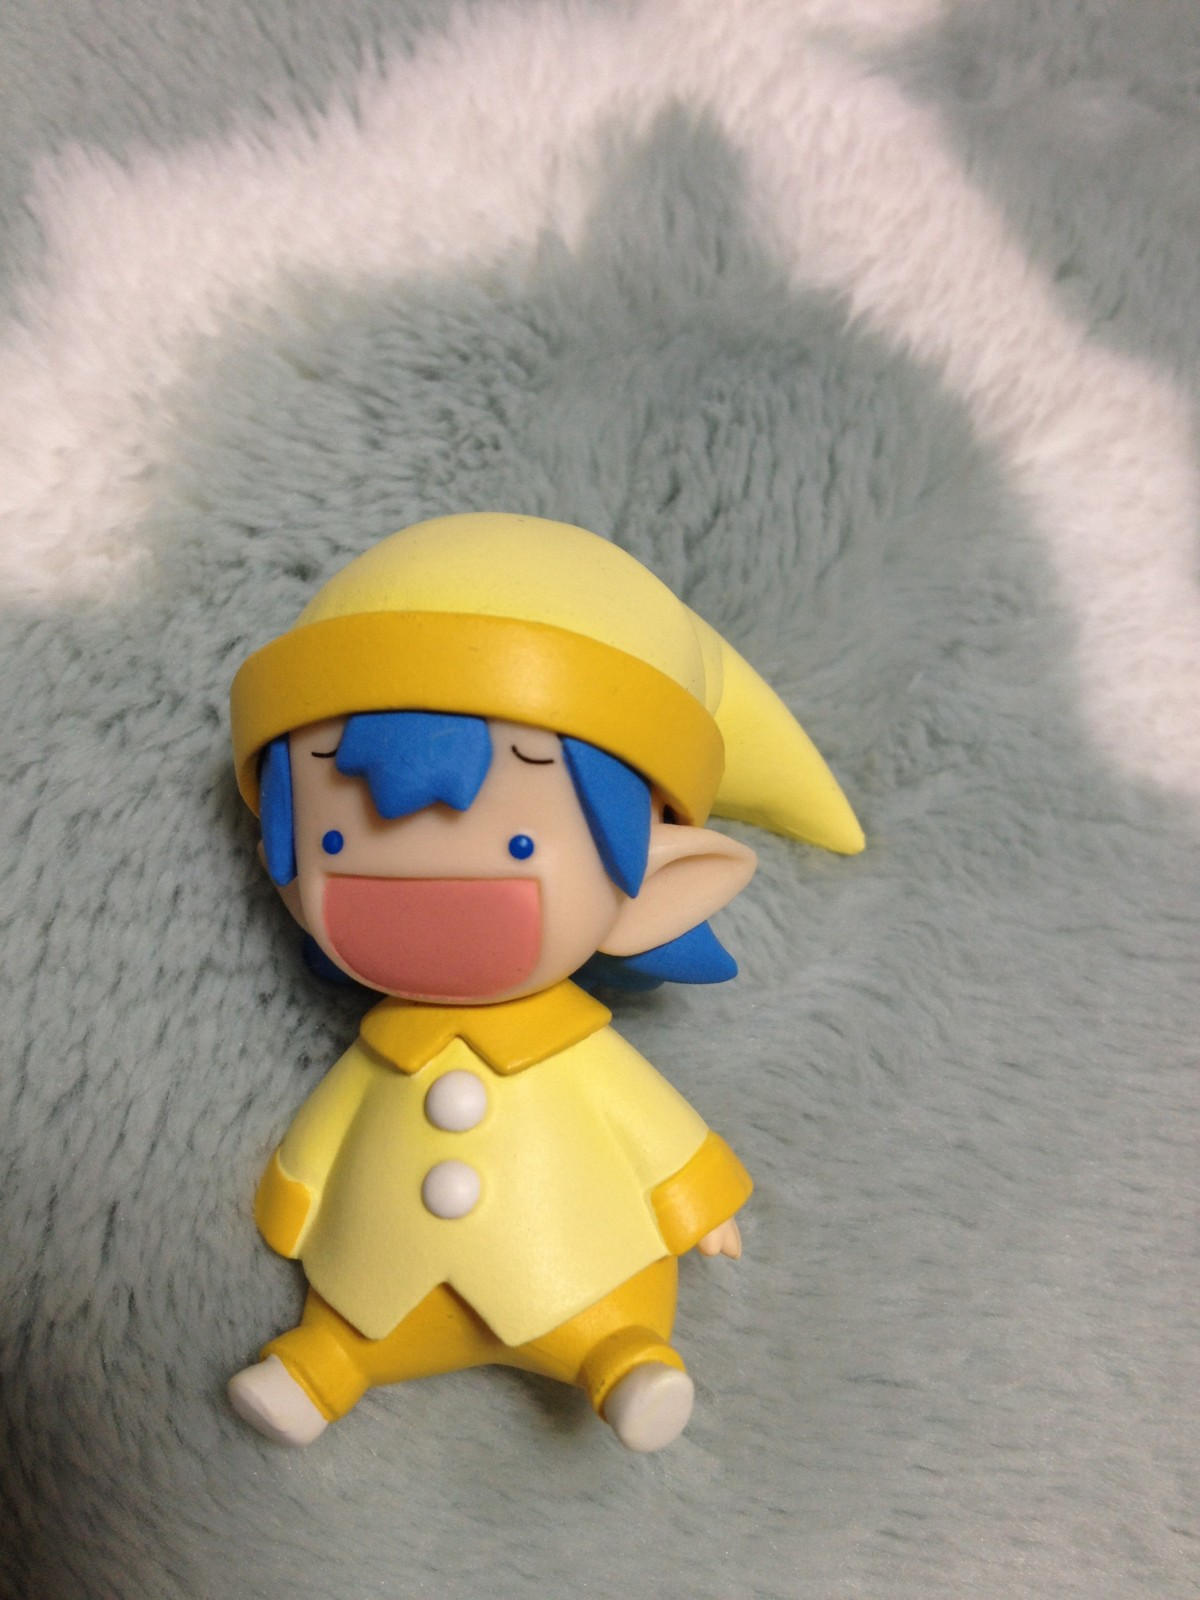 momoさんが妖精さんの写真を投稿しました!